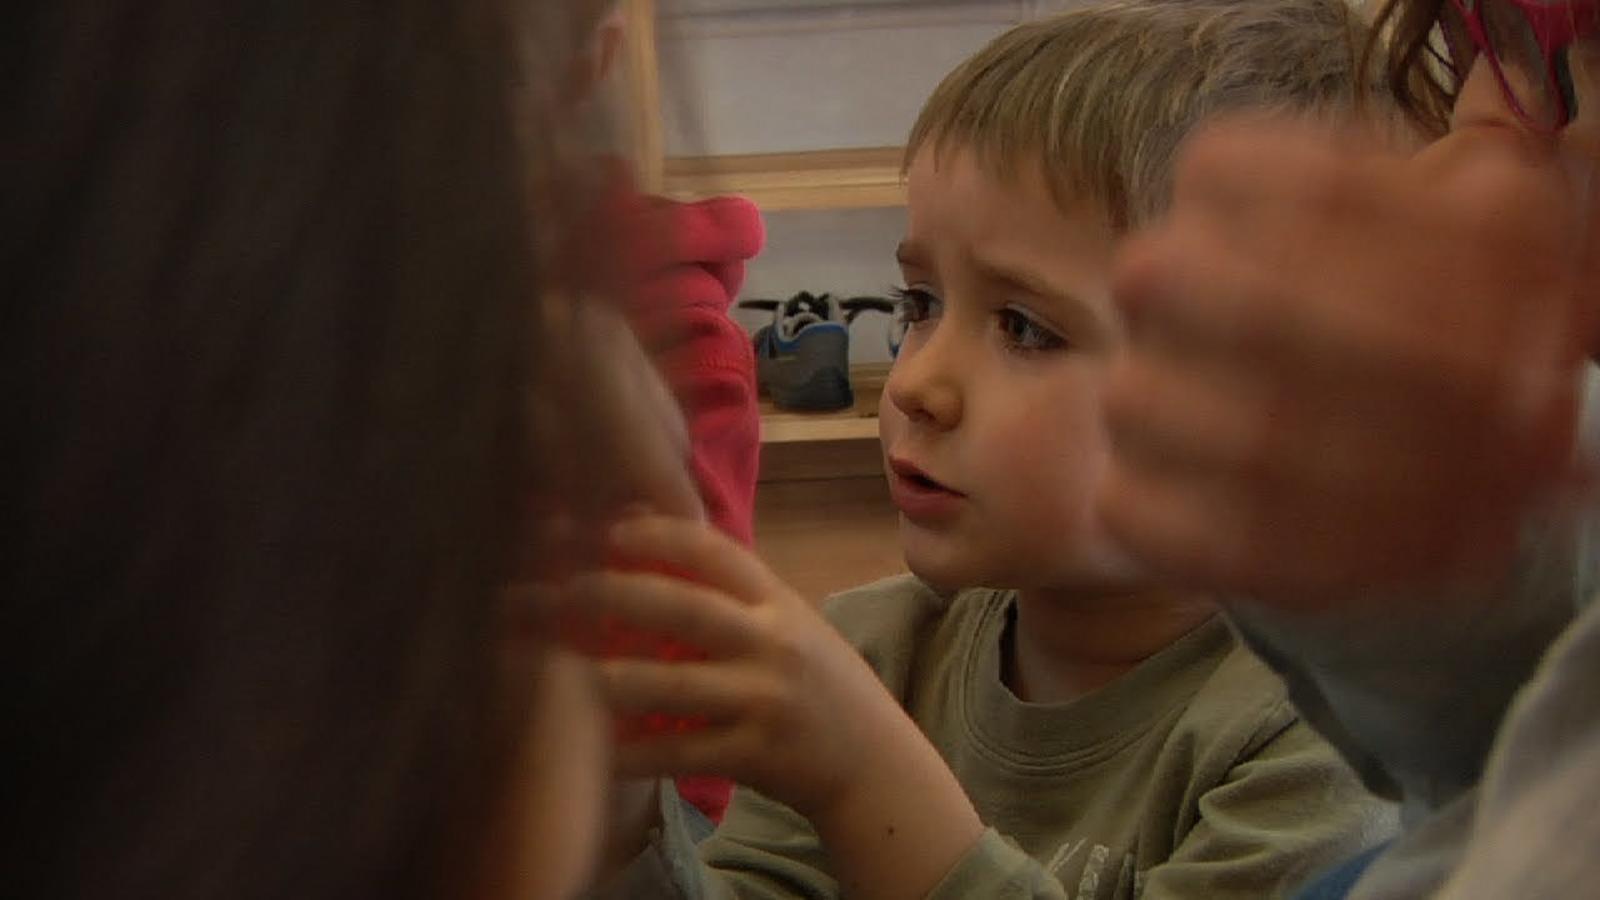 Els sentiments s'aprenen jugant. Taller d'educació emocional per a infants